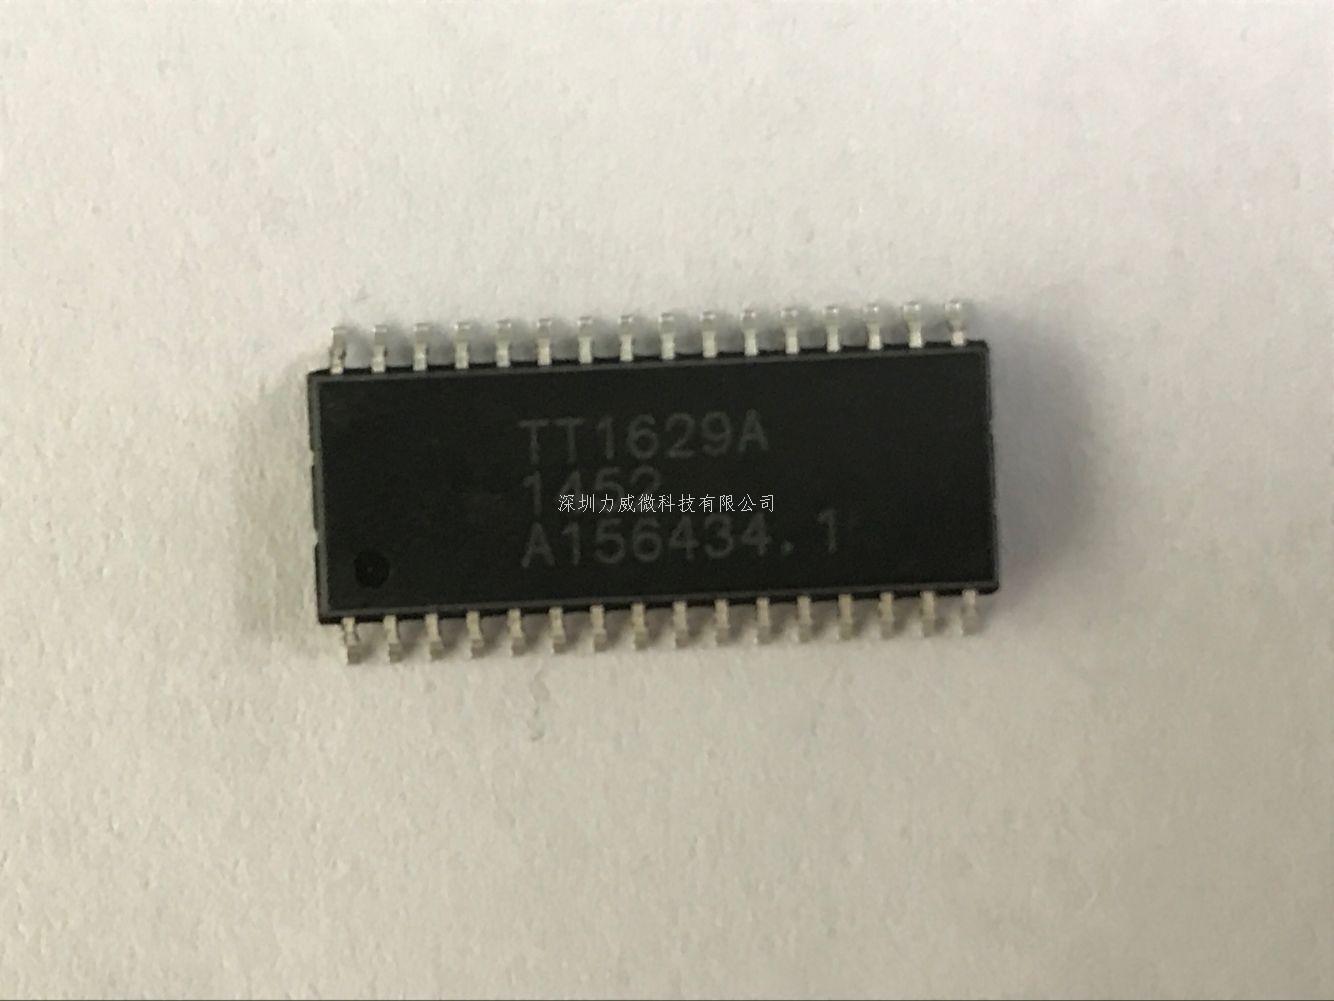 TT1629A